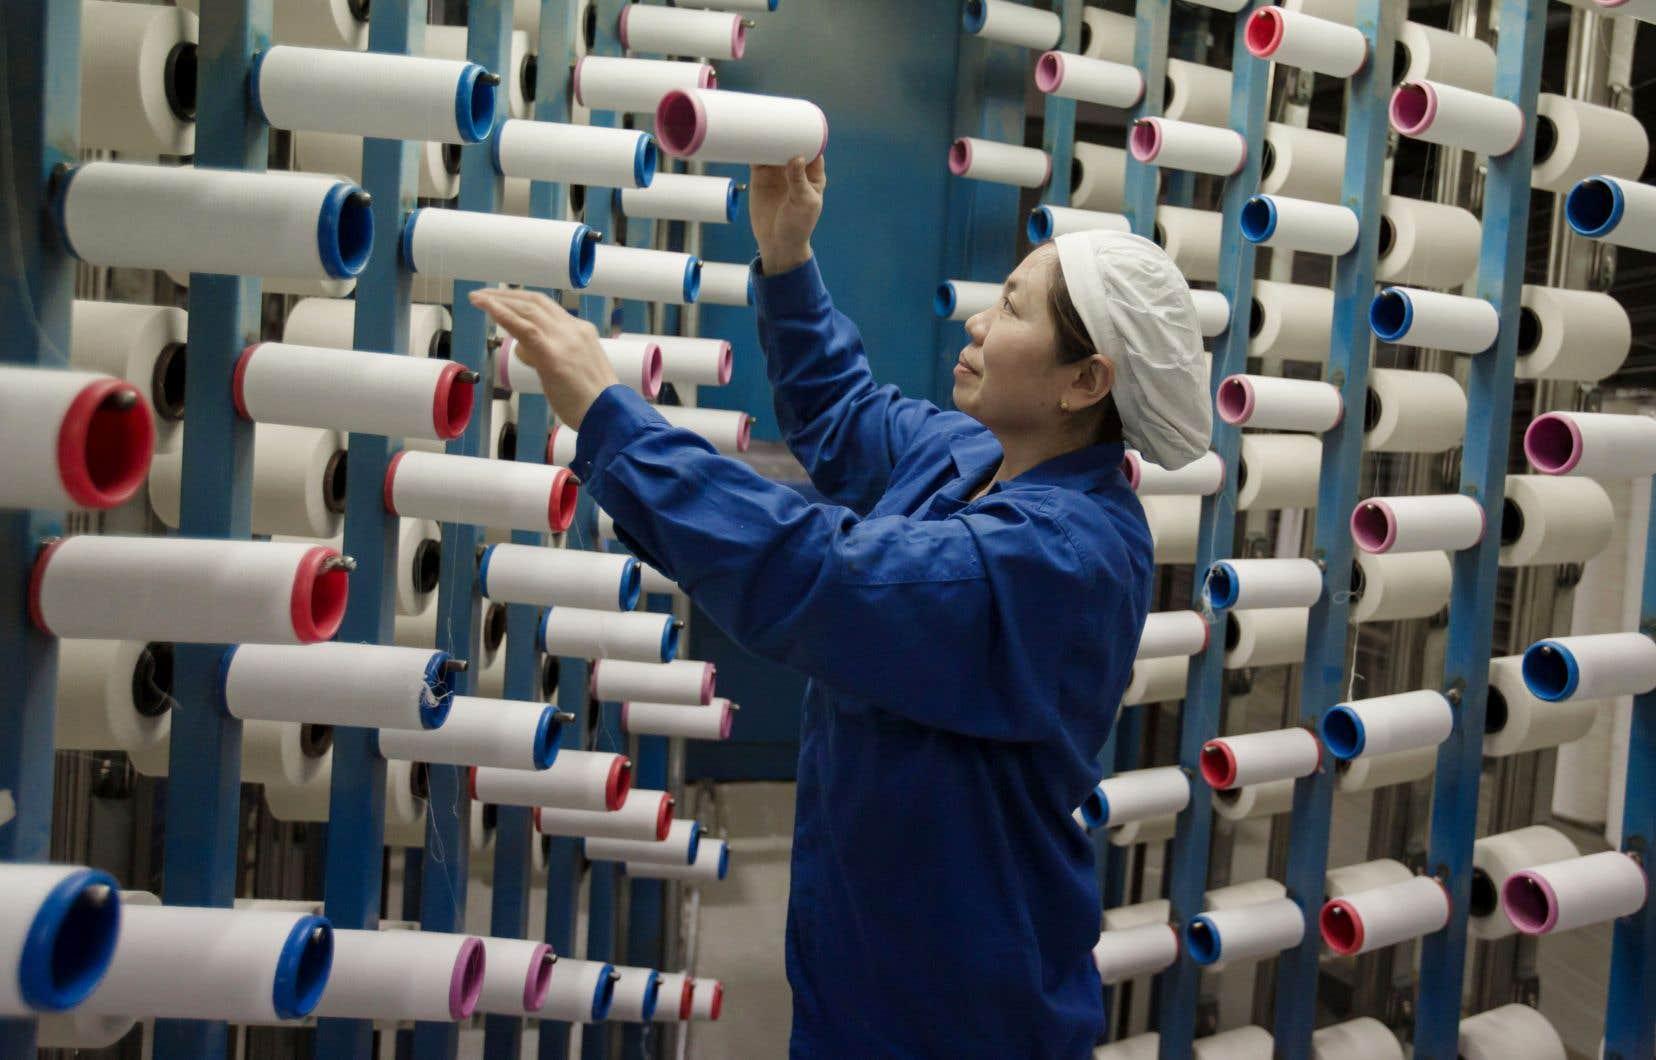 Selon l'agence officielle Chine Nouvelle, la menace américaine de dénoncer le statut de pays en développement de la Chine au sein de l'OMC est une «tactique» vouée à l'échec.